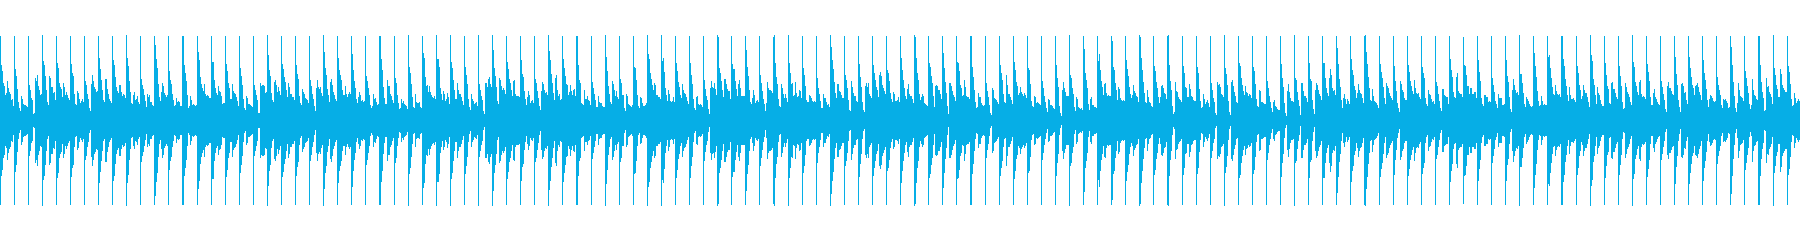 ショッピングの高揚感を煽る曲の再生済みの波形